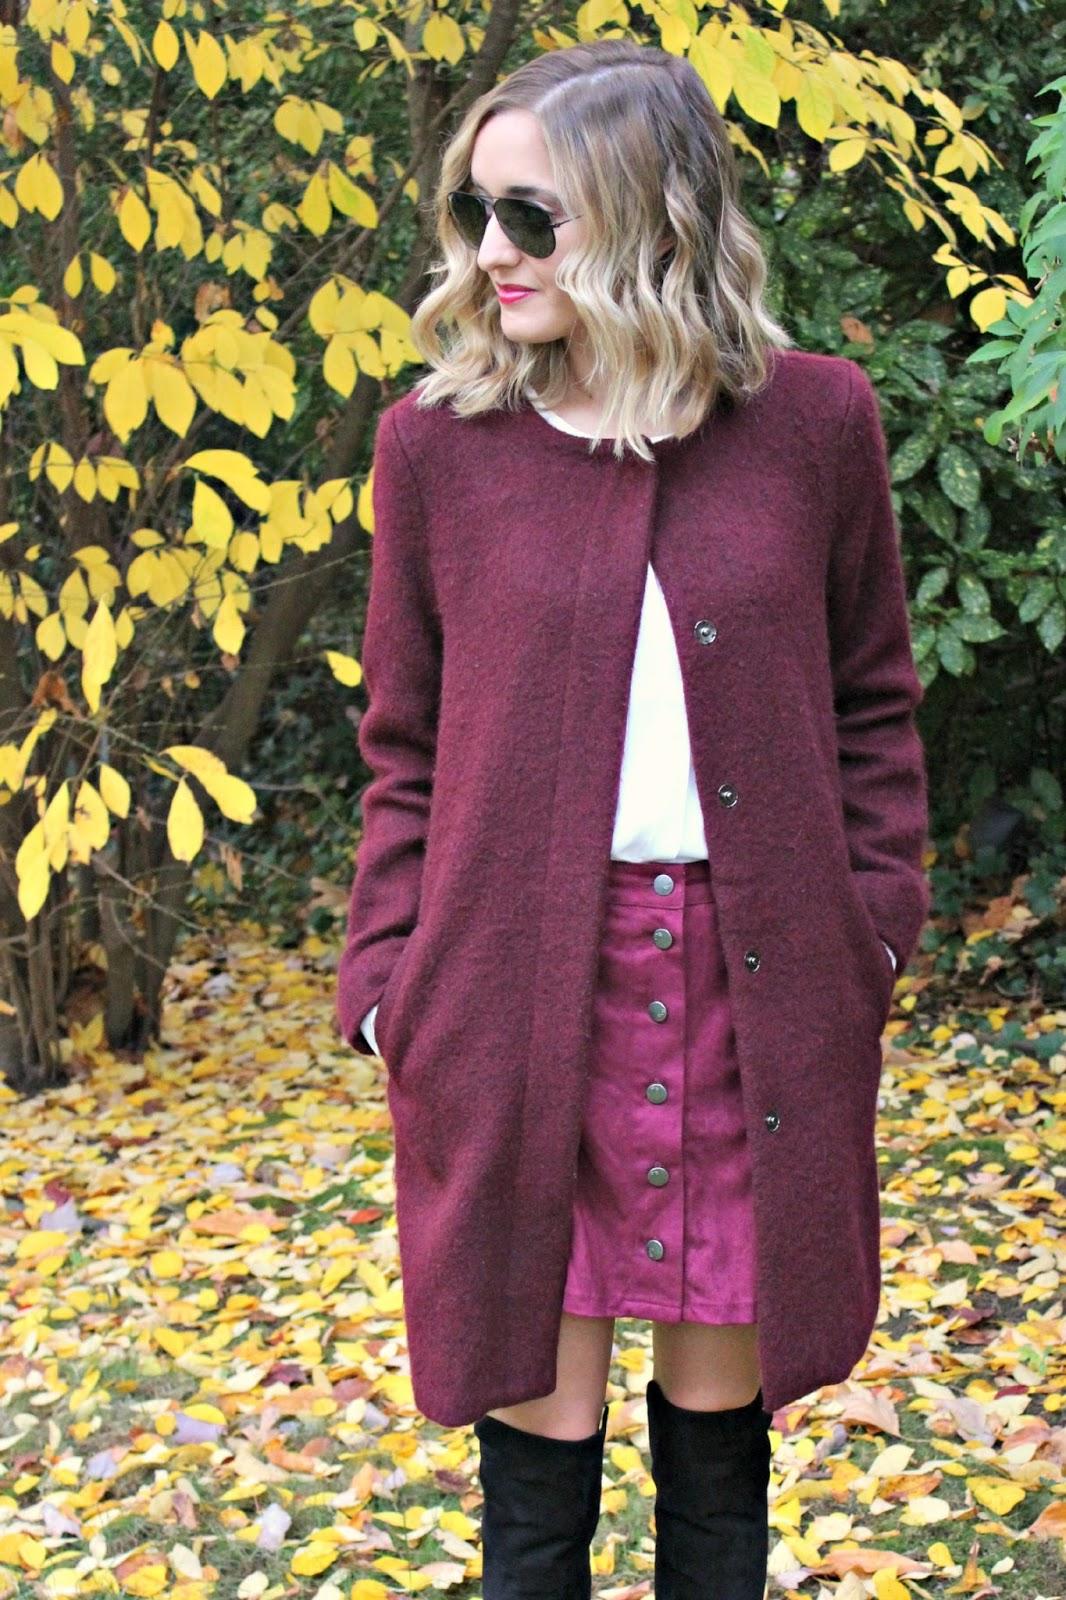 bb dakota burgundy coat